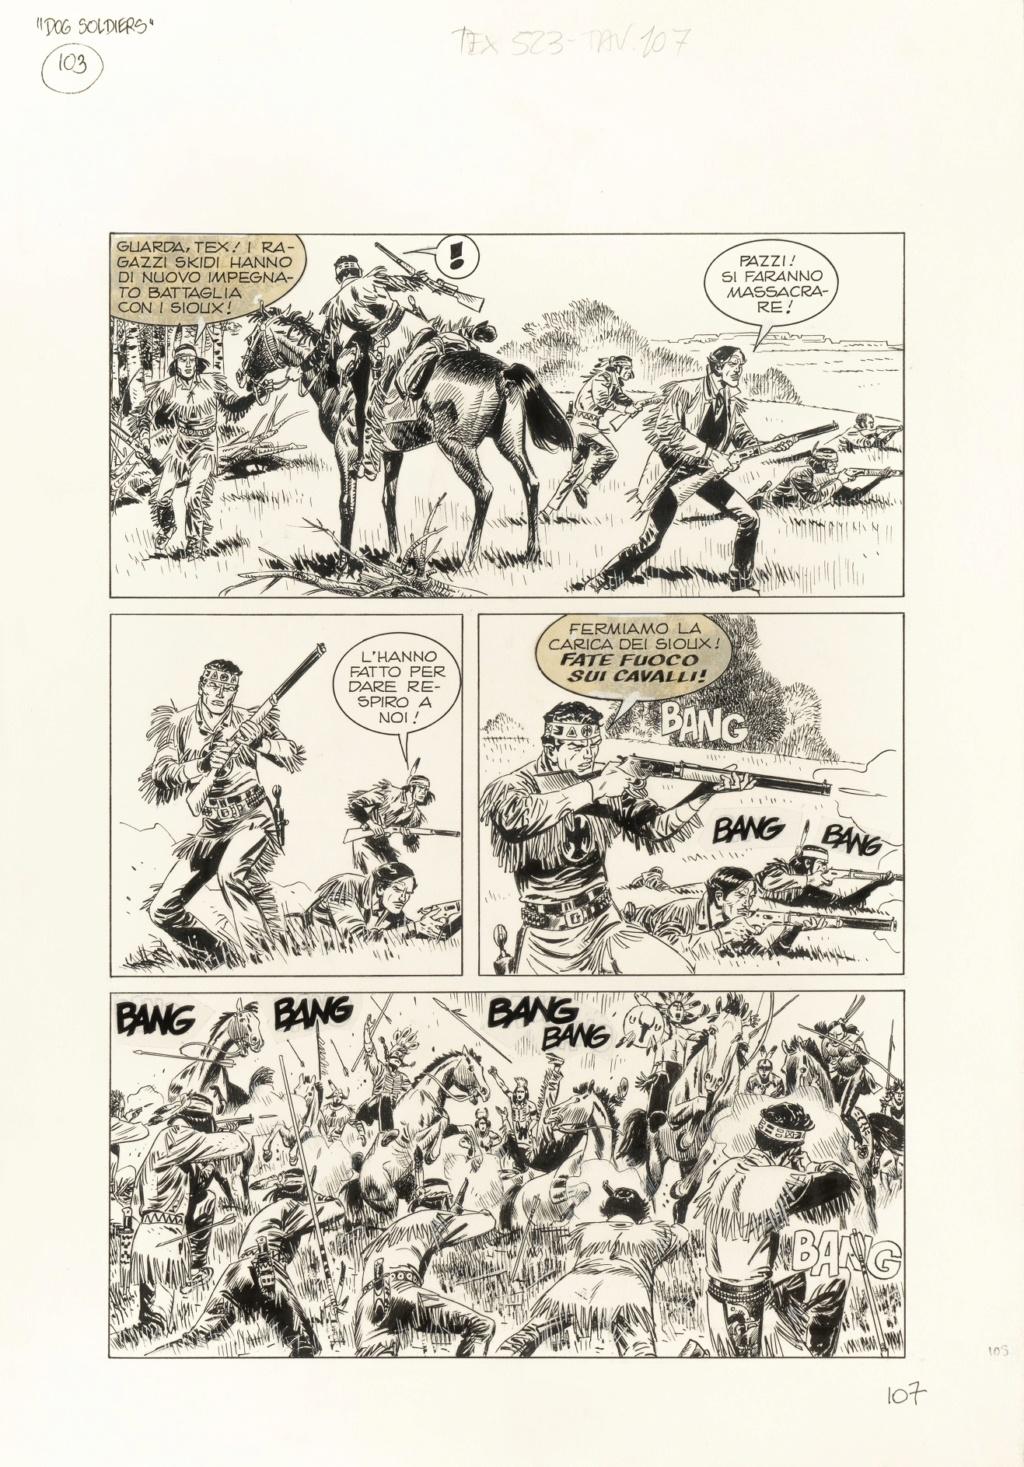 Le monde du western - Page 18 Fontte10